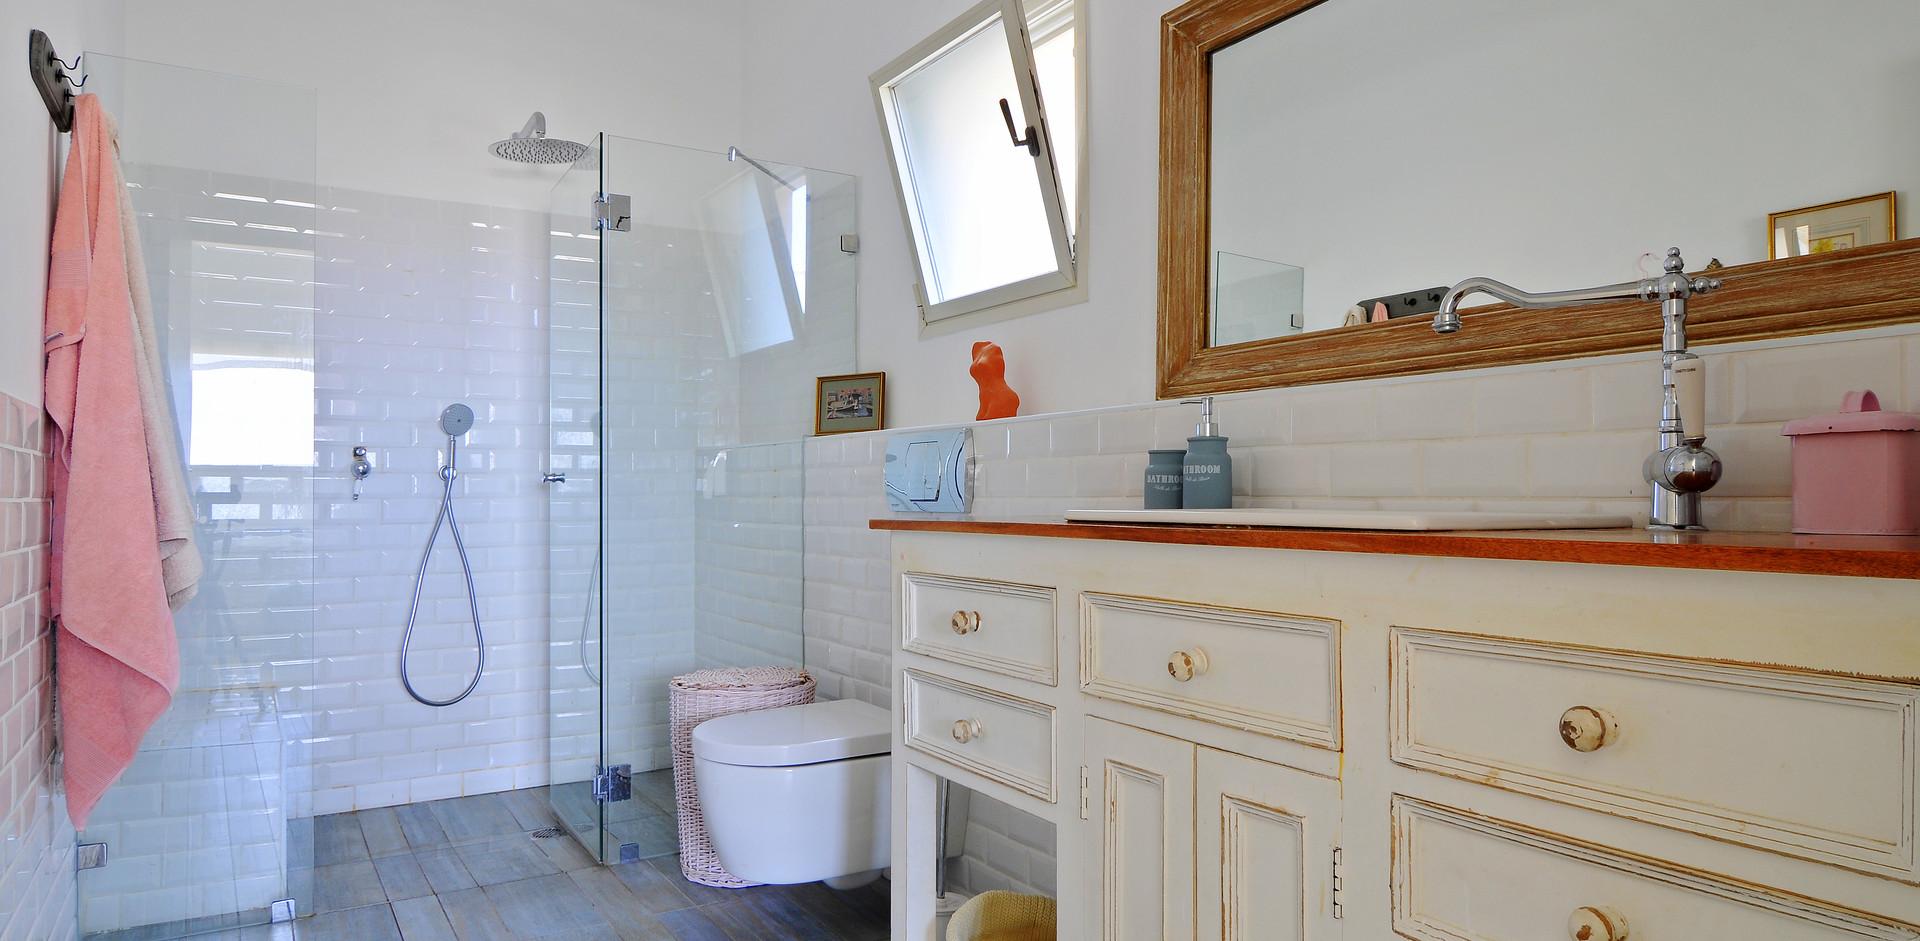 יחידת נגרות שהייתה בבית ושודרגה לטובת יחידת חדר אמבטיה